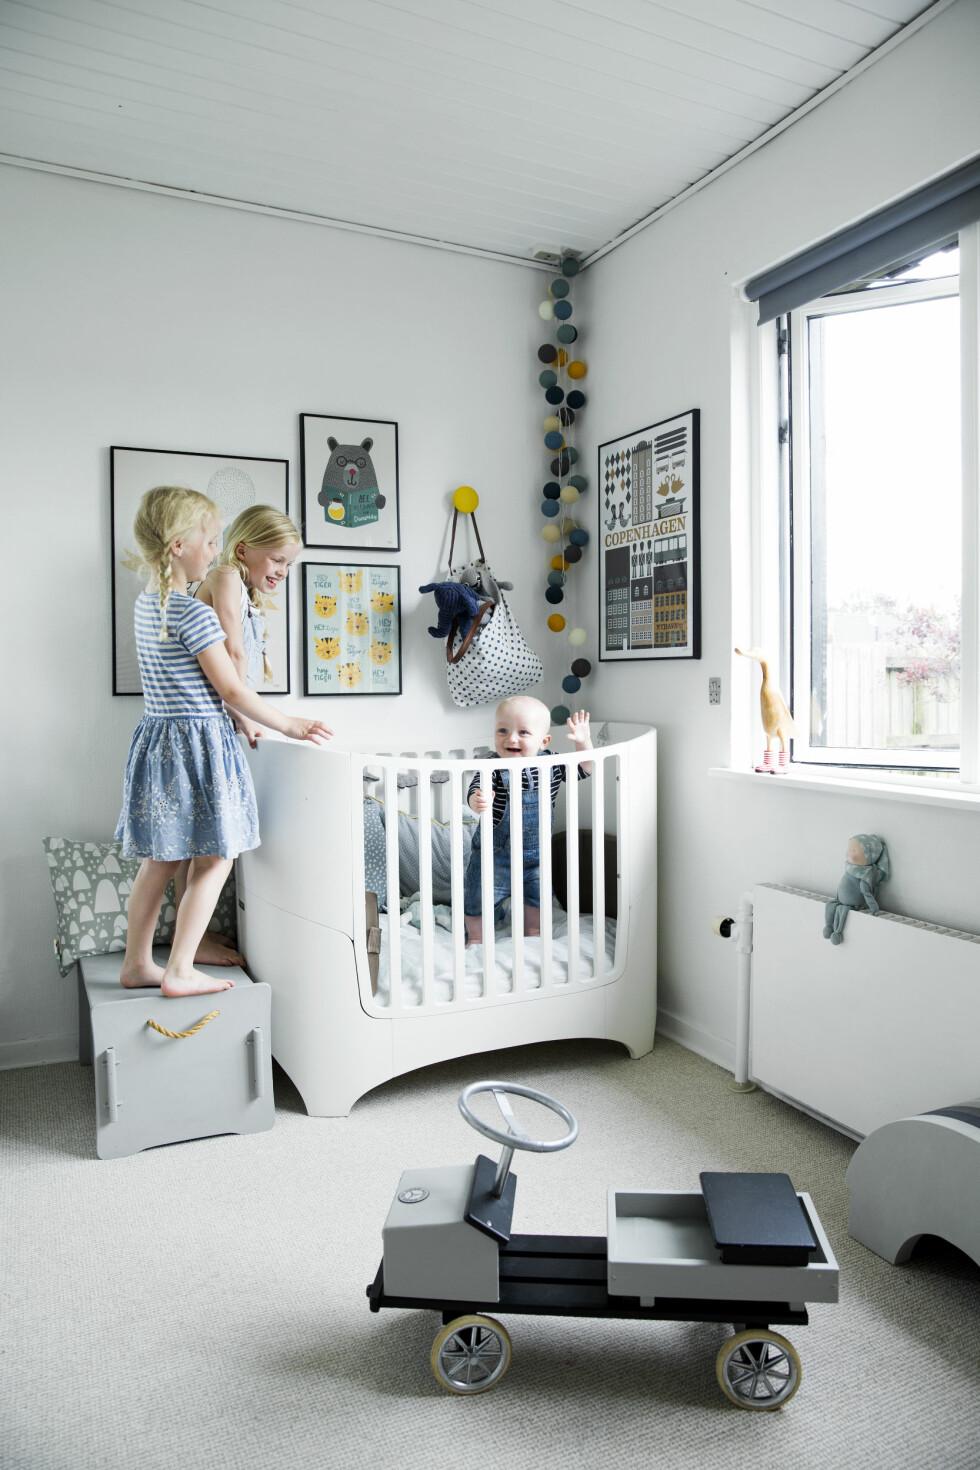 FINE FARGER: Villums rom er innredet igrått, blått og sennepsgult. Sengen er fra Leander og plakatene på veggen fra Michelle Carlslund og Ferm Living. Foto: Tia Borgsmidt